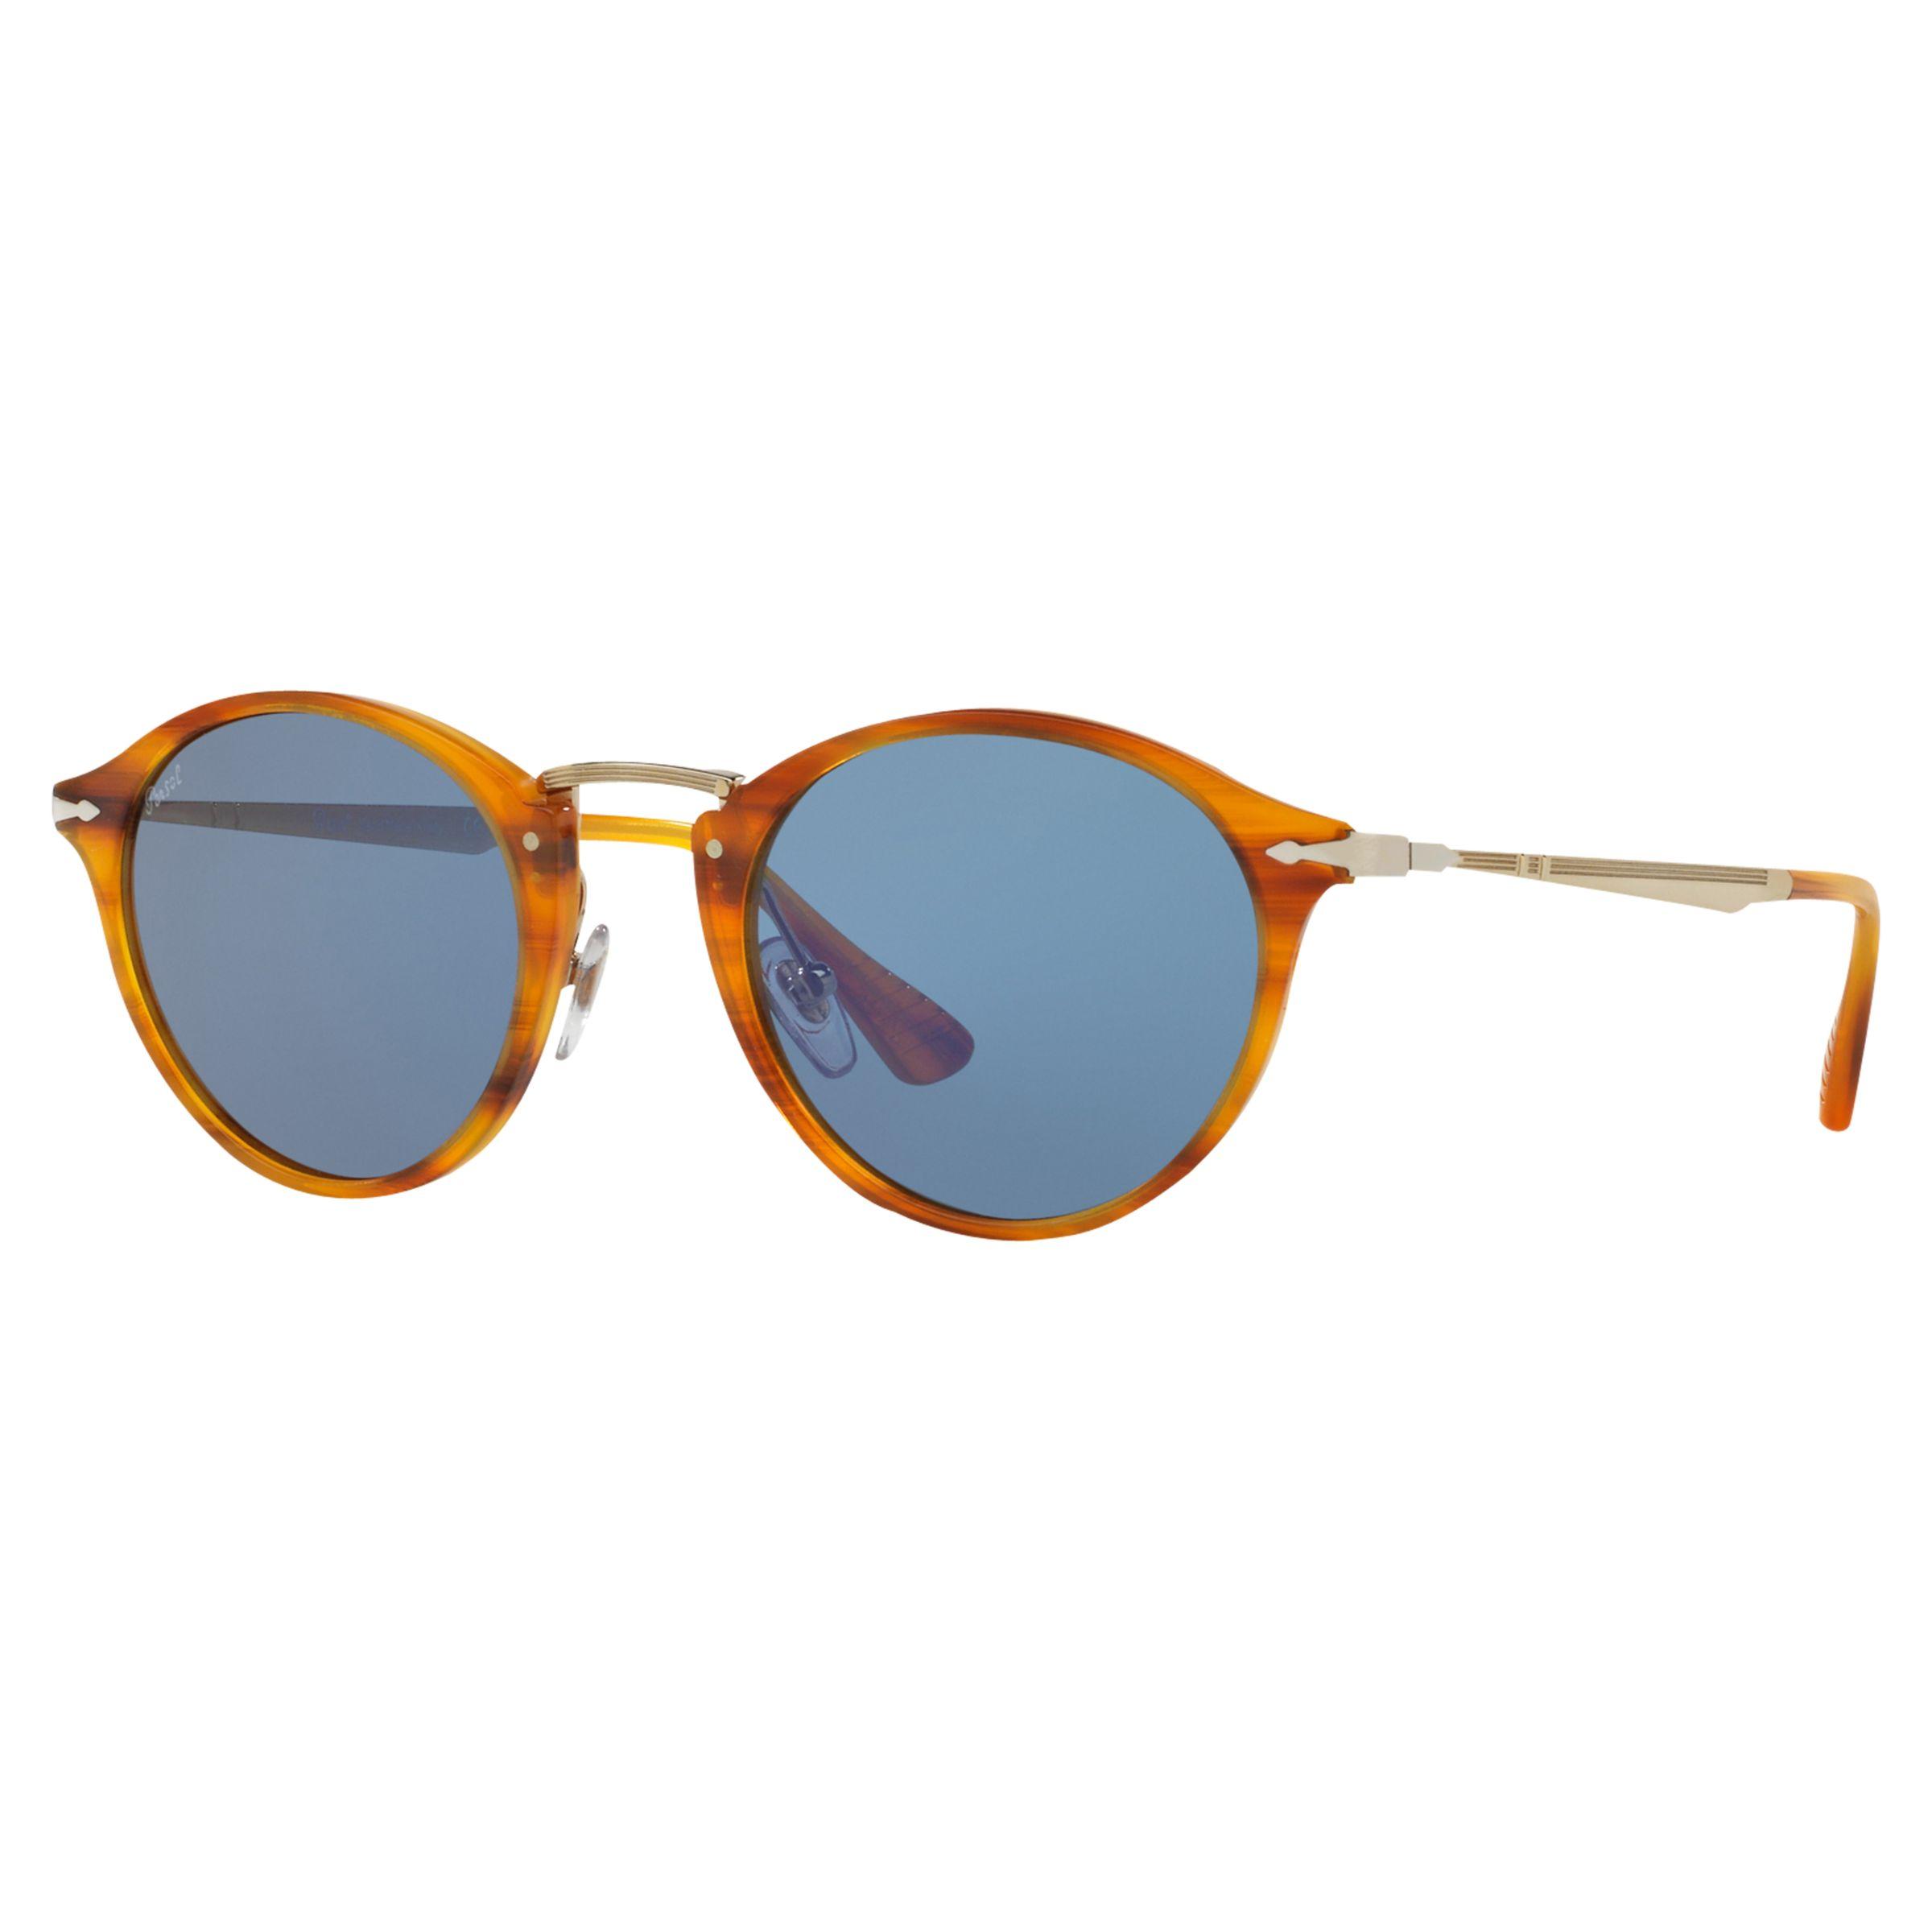 Persol Persol PO3166S Calligrapher Edition Oval Sunglasses, Havana/Blue